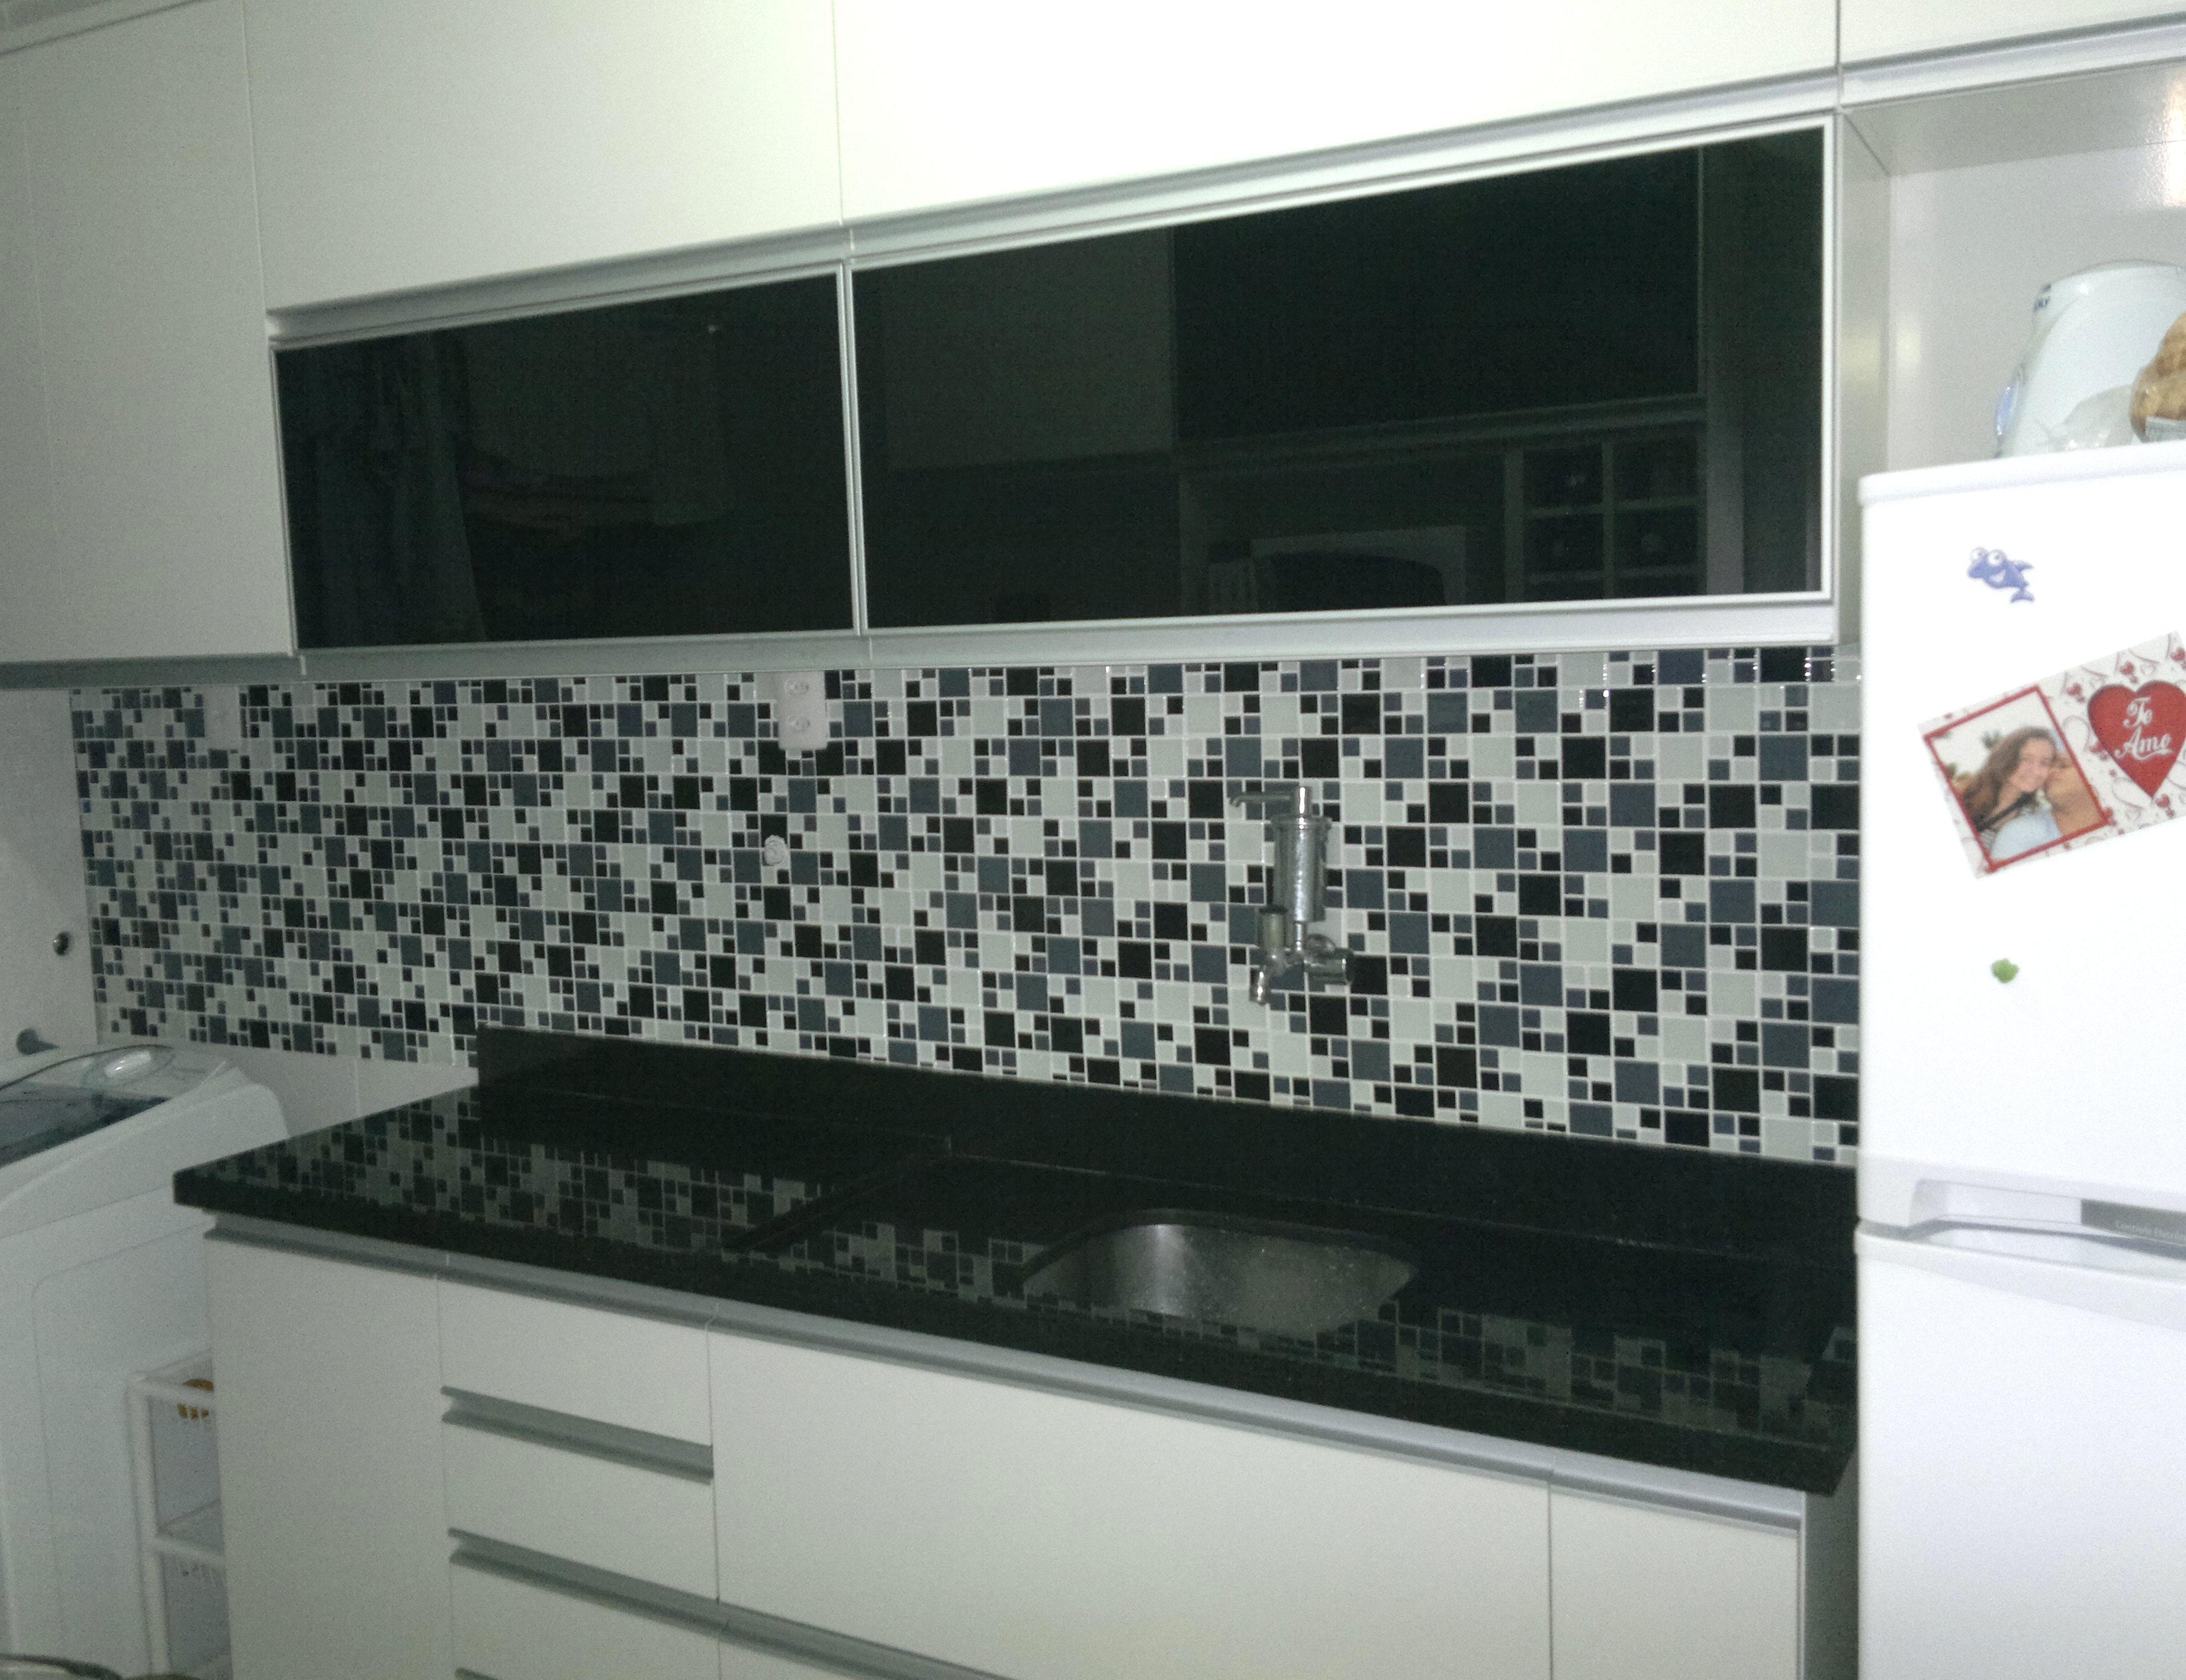 #874744 Another Image For Balcão de cozinha com tijolo de vidro 0.jpg 3692x2838 px Balcao Cozinha Americana Tijolo De Vidro #2313 imagens